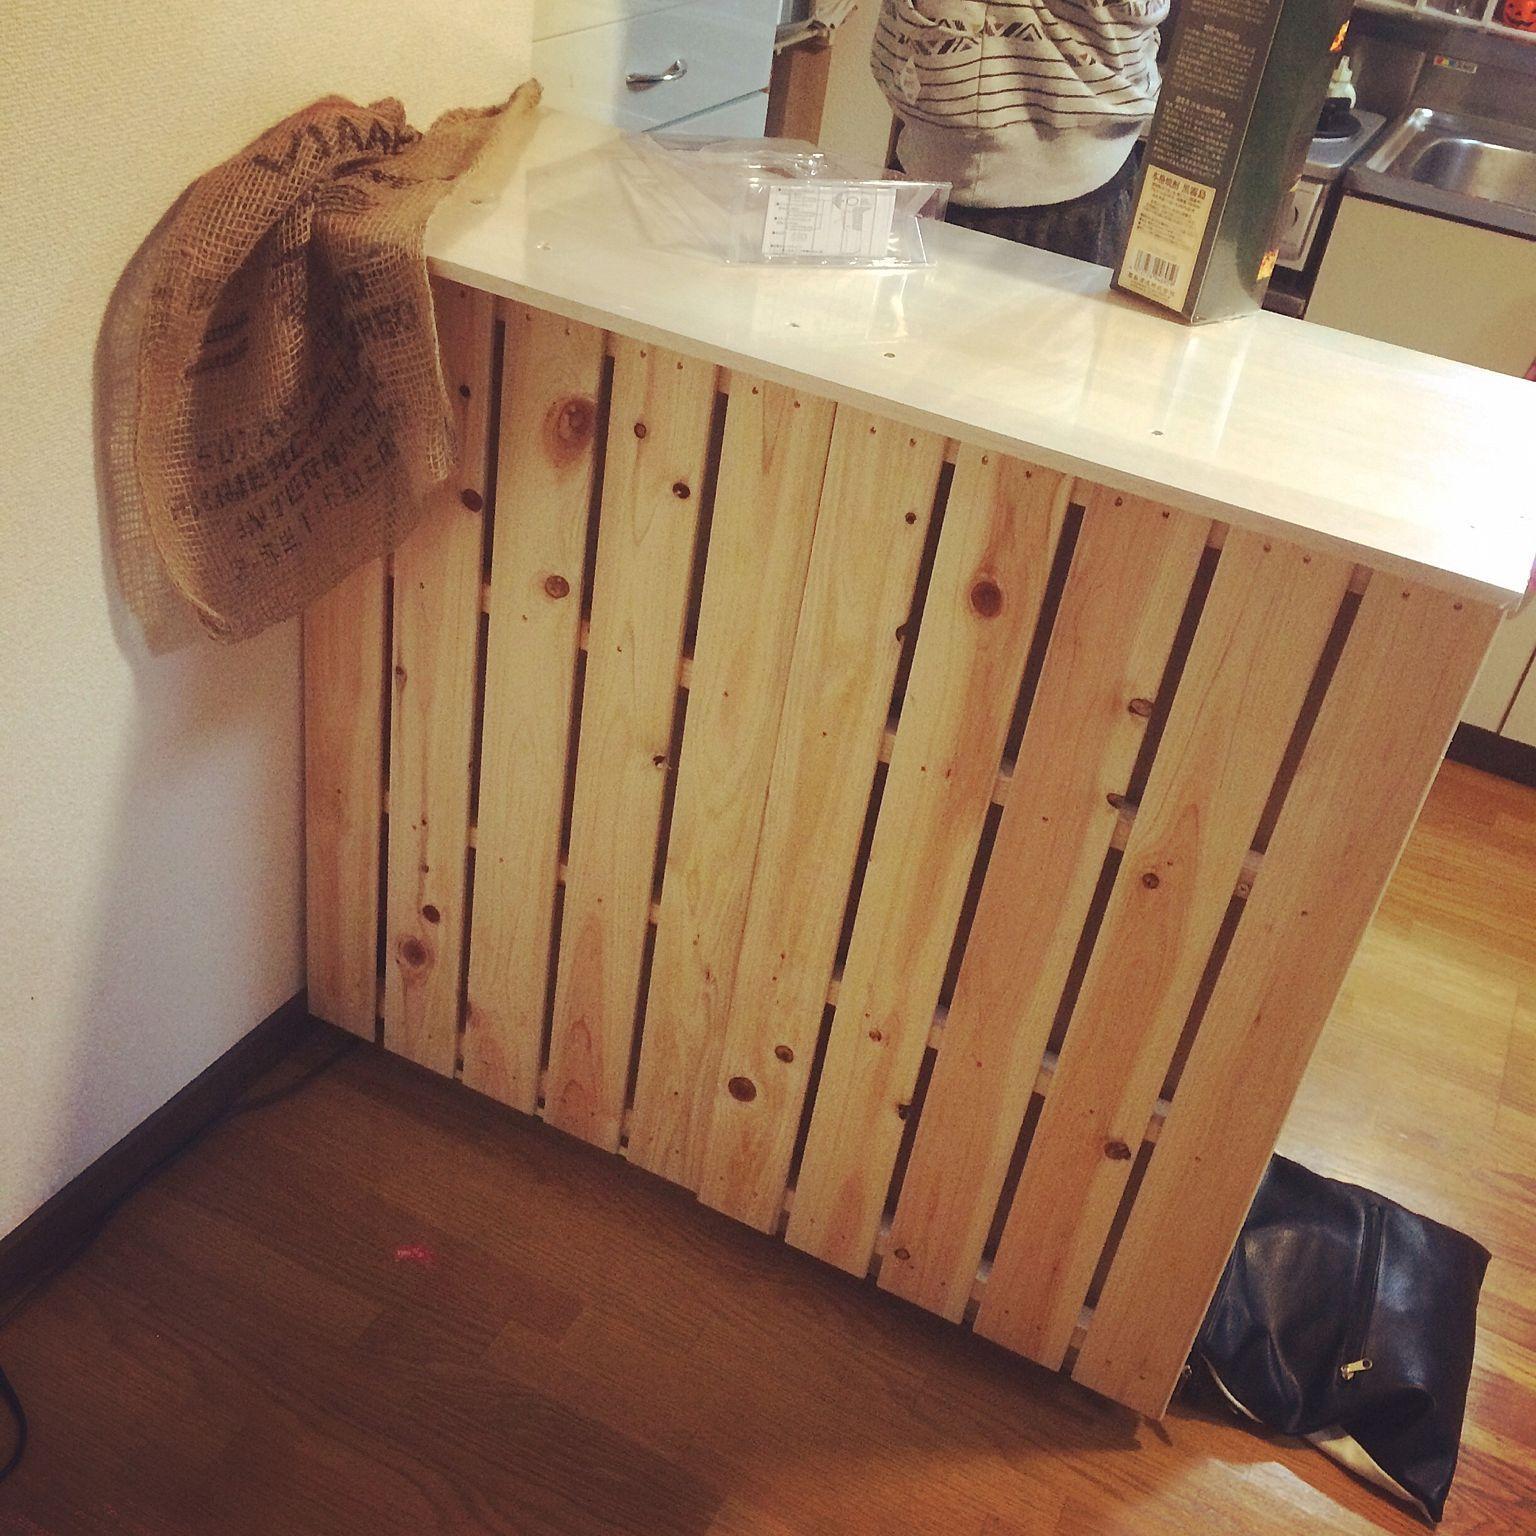 キッチン カラーボックスリメイク すのこdiy キッチンカウンター カフェ風 などのインテリア実例 2016 11 01 09 25 30 Roomclip ルームクリップ パレットで作る家具 インテリアシート パレット壁